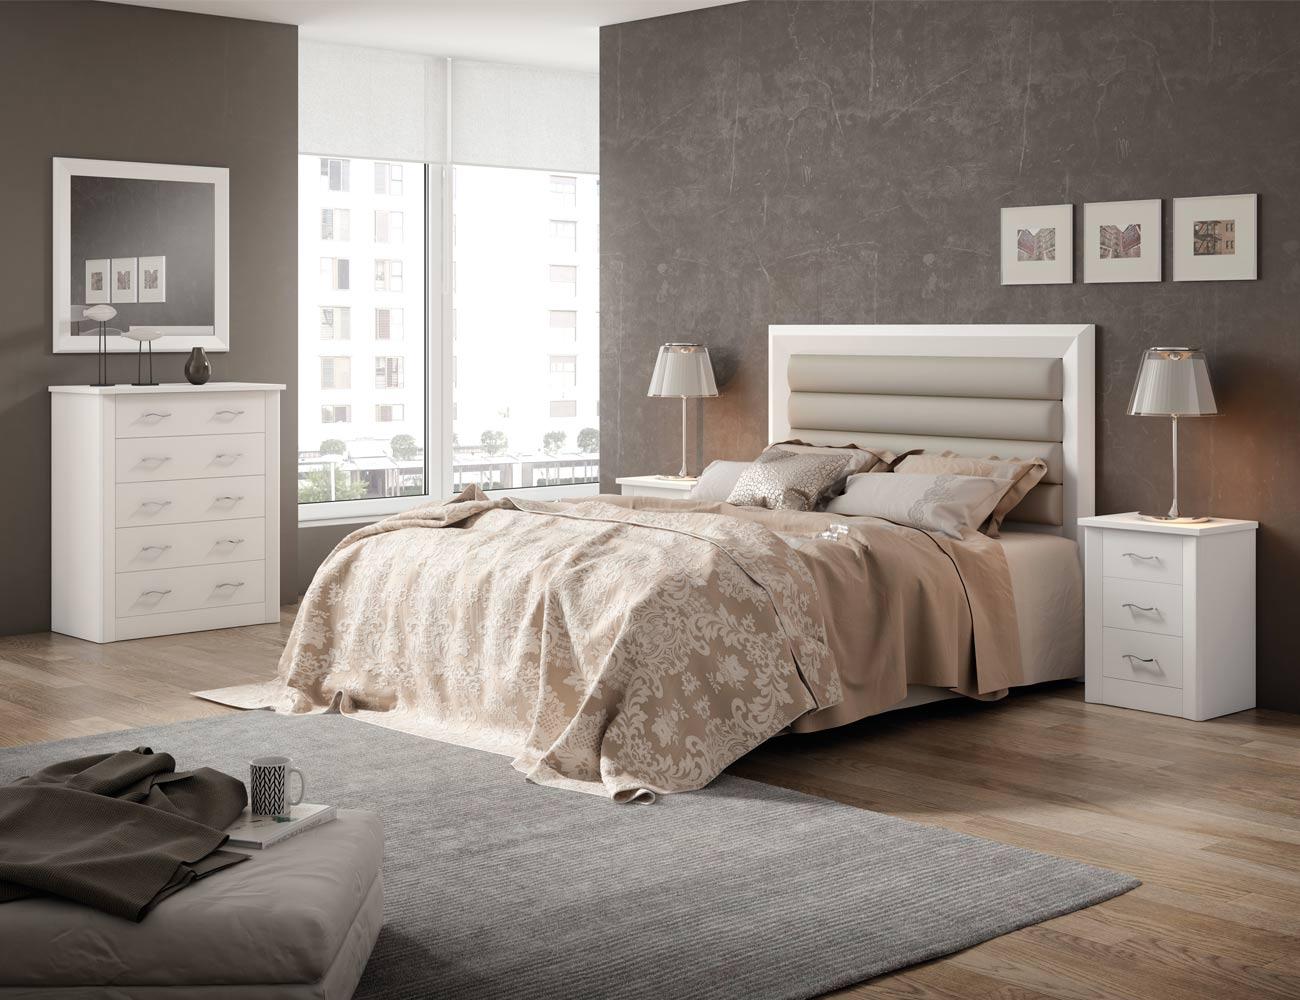 Dormitorio de matrimonio en madera con cabecero tapizado - Dormitorios en color blanco ...